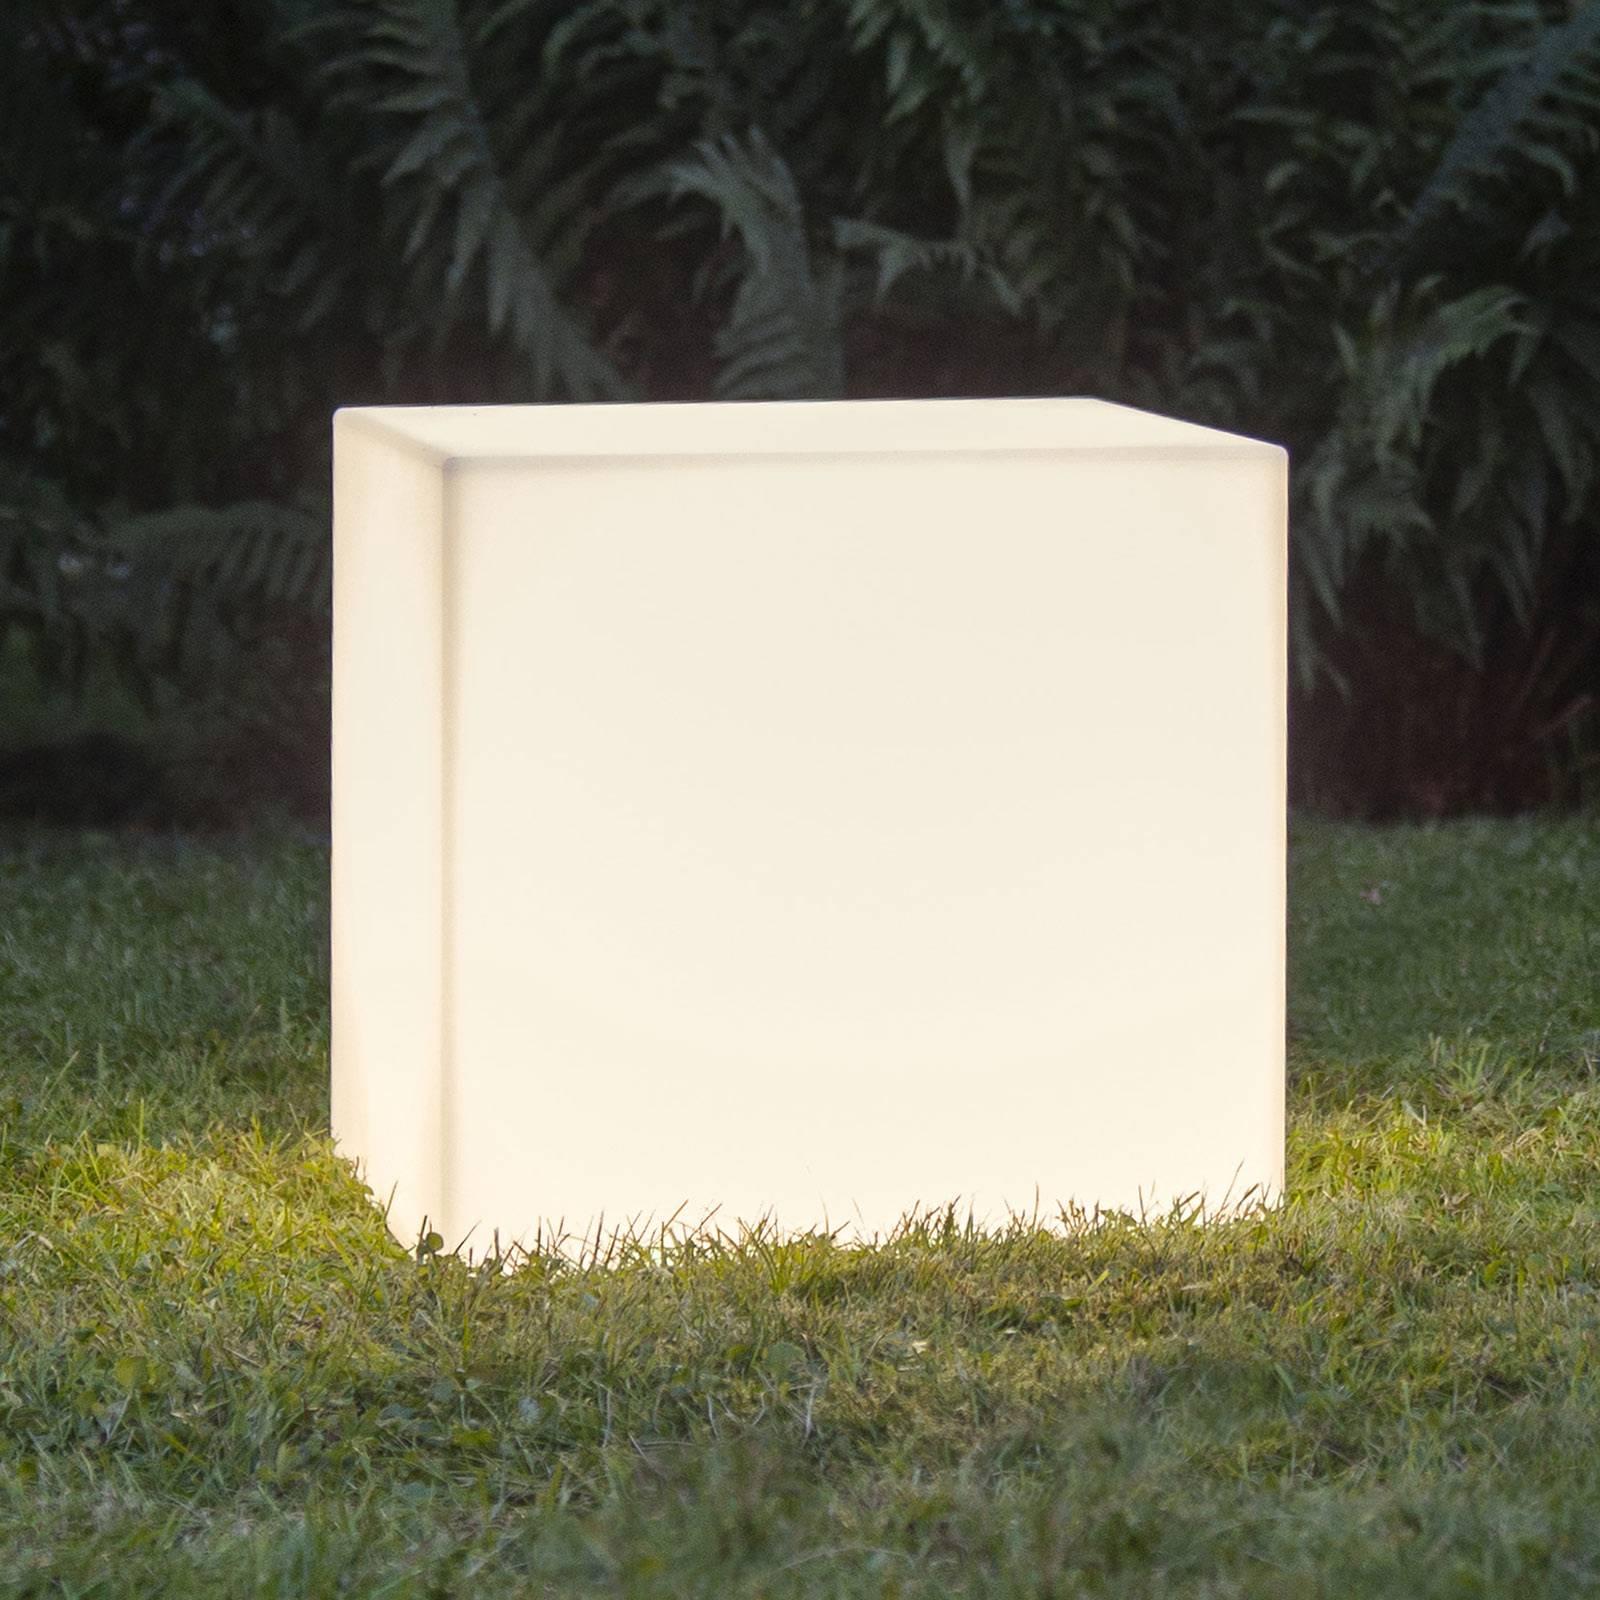 Terassivalaisin Gardenlight, kuutio, 38 cm